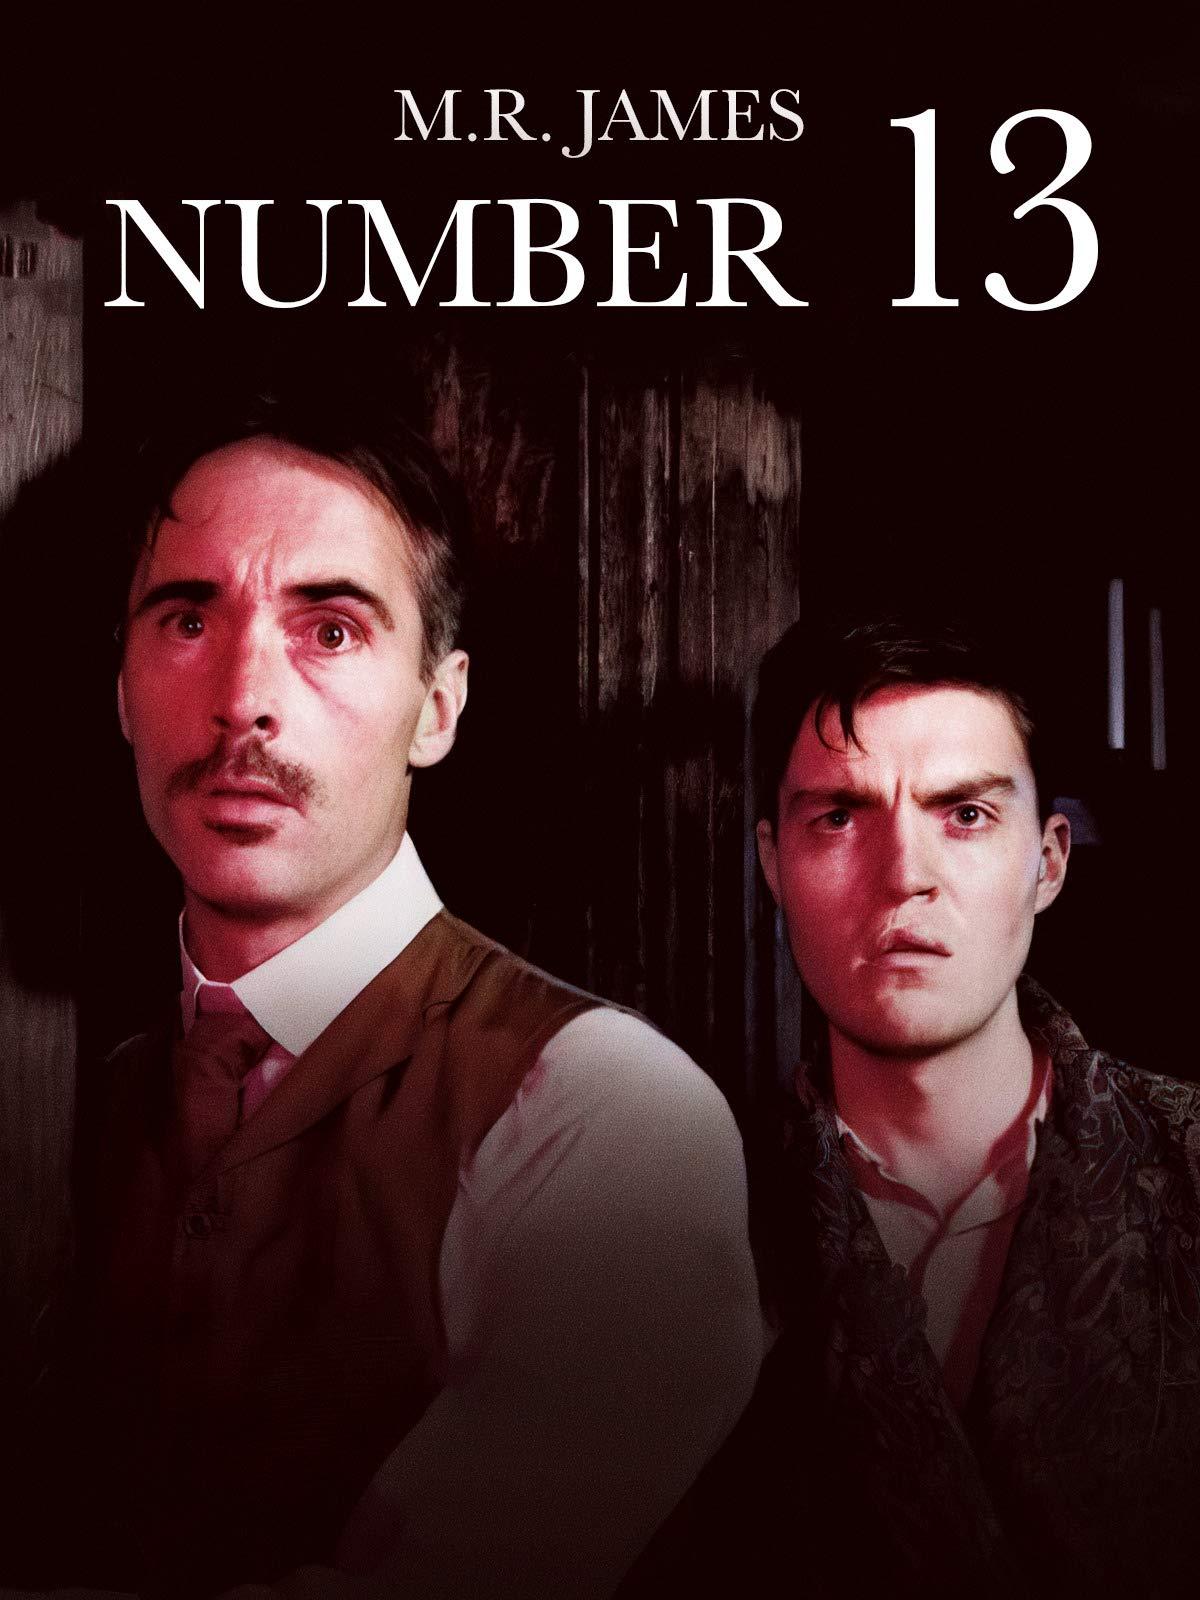 M.R. James' Number 13